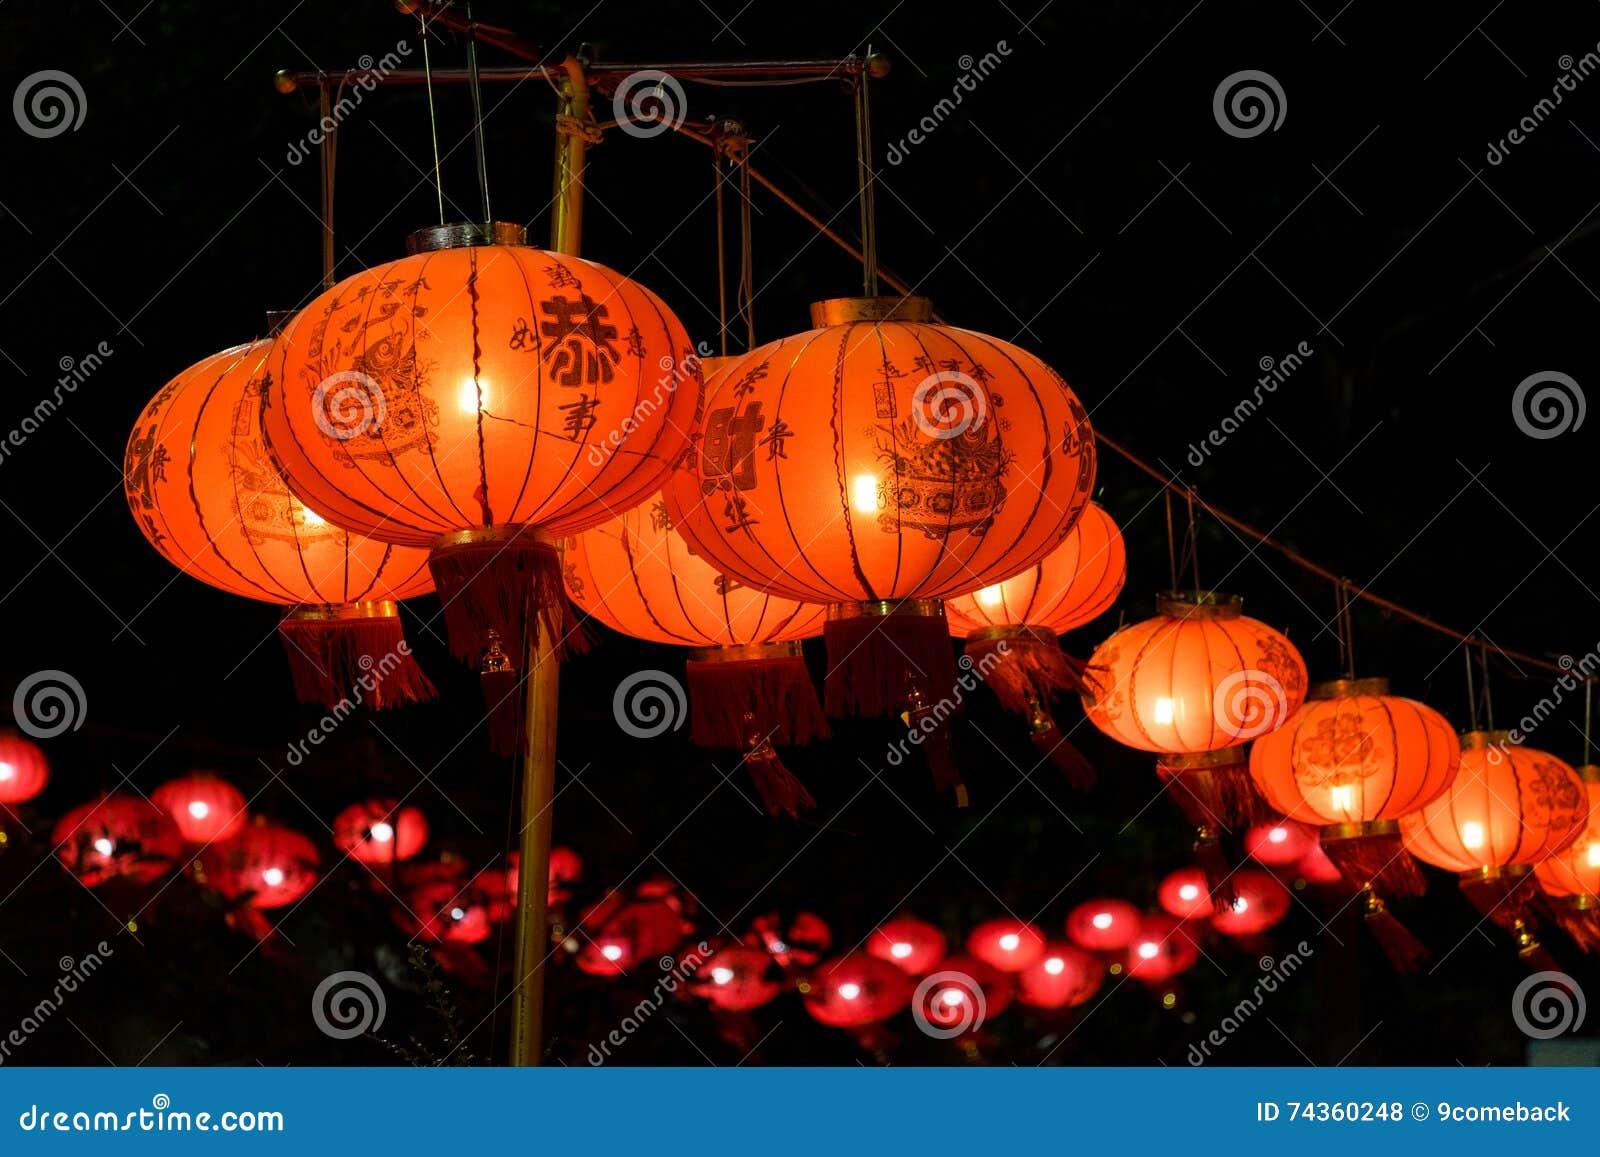 Decorazioni Con Lanterne Cinesi : Lanterne di carta da appendere